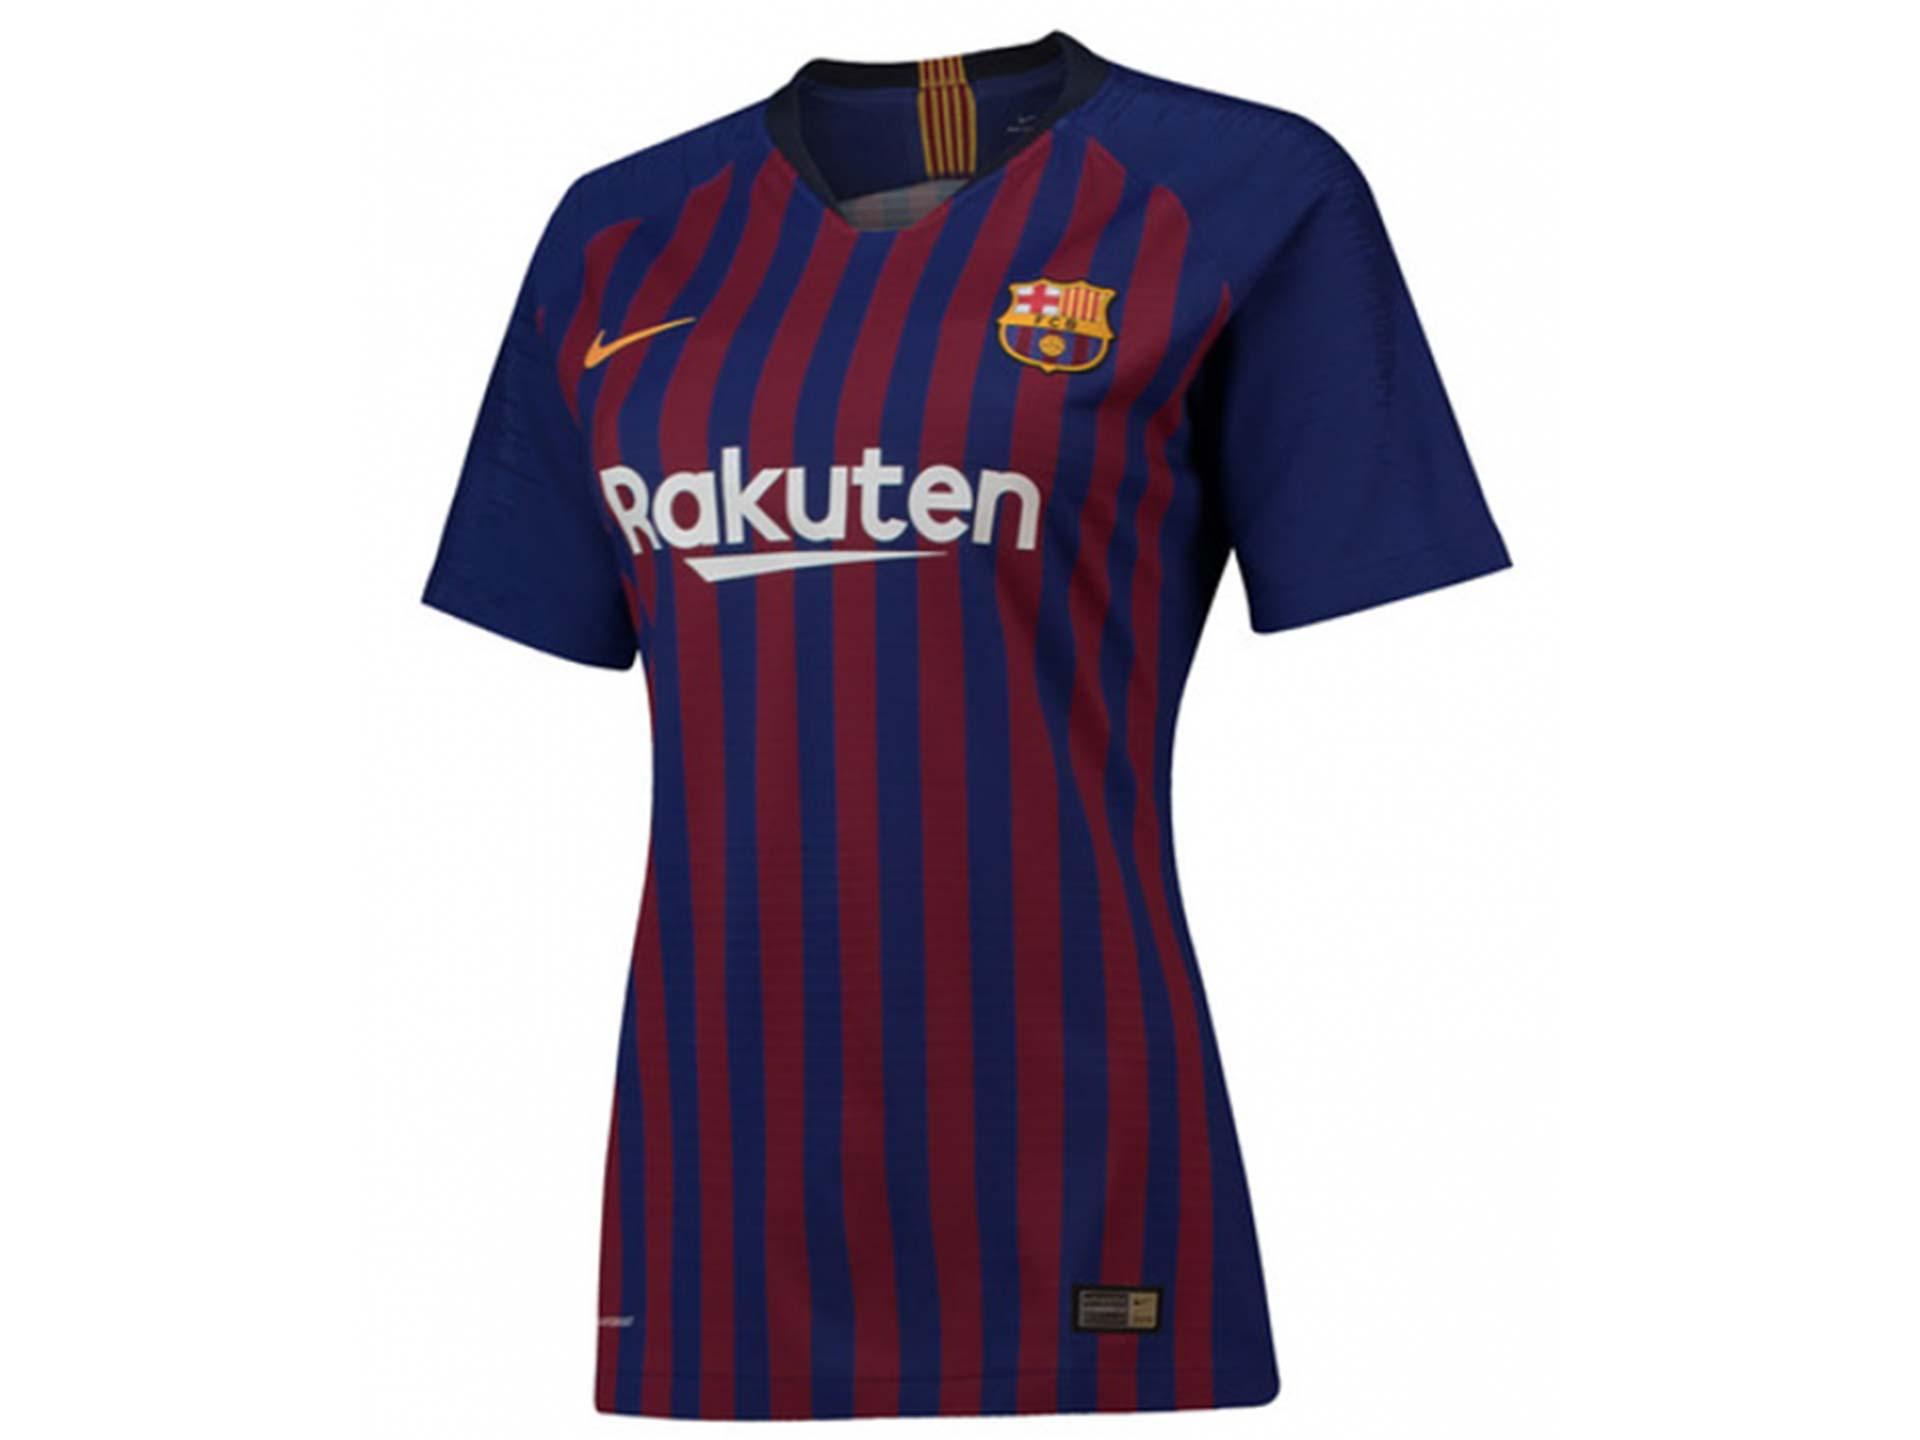 brand new 3e7e7 2c1e8 Kensoko.com - Replica Barcelona Home Shirt 2018-19 Womens Jersey